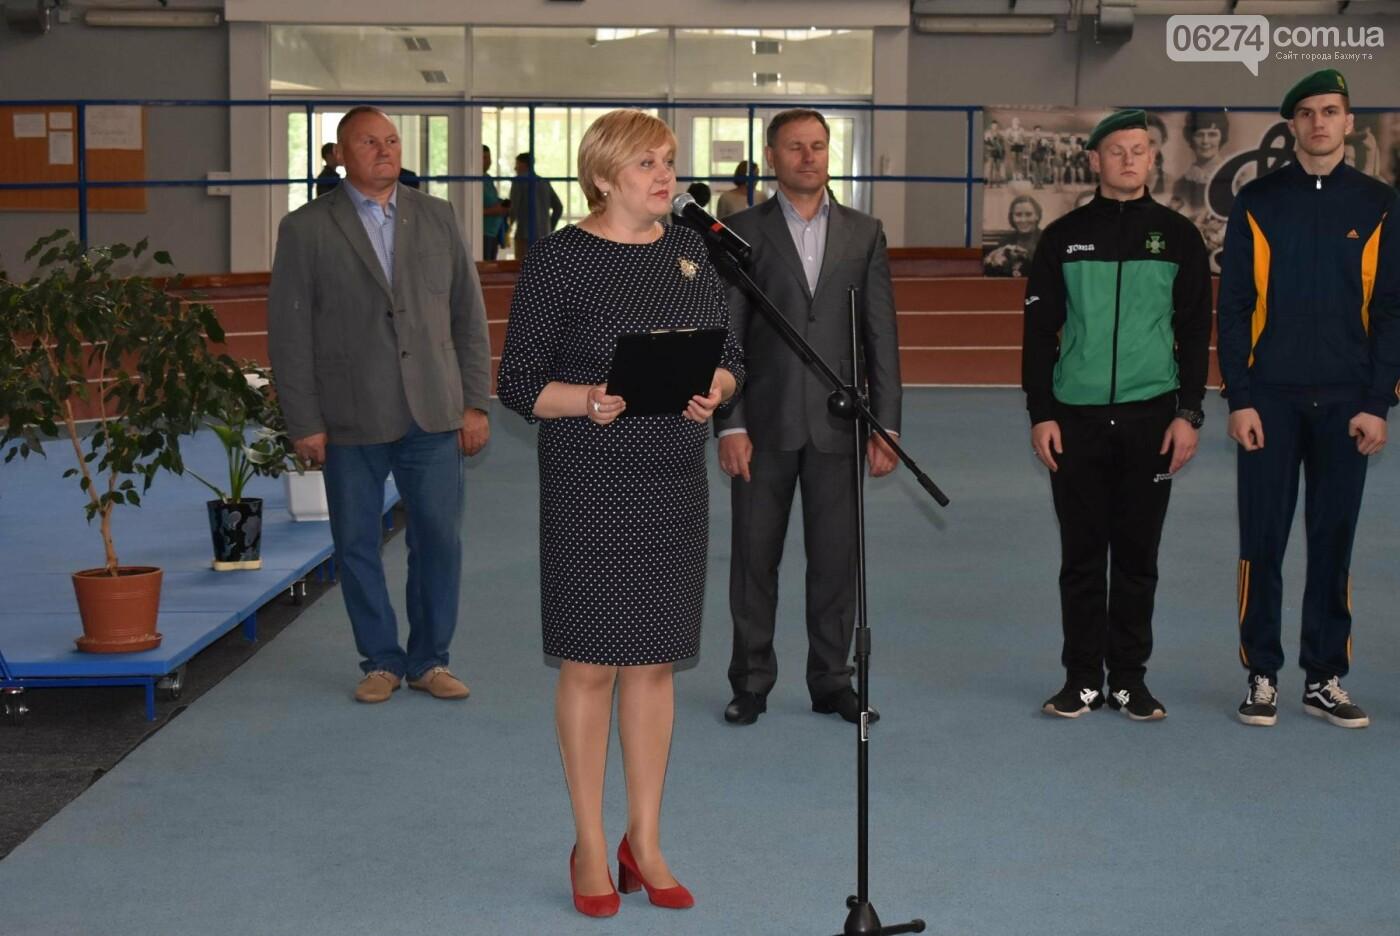 В Бахмуте презентовали спортсменов-олимпийцев Государственной пограничной службы Украины, фото-1